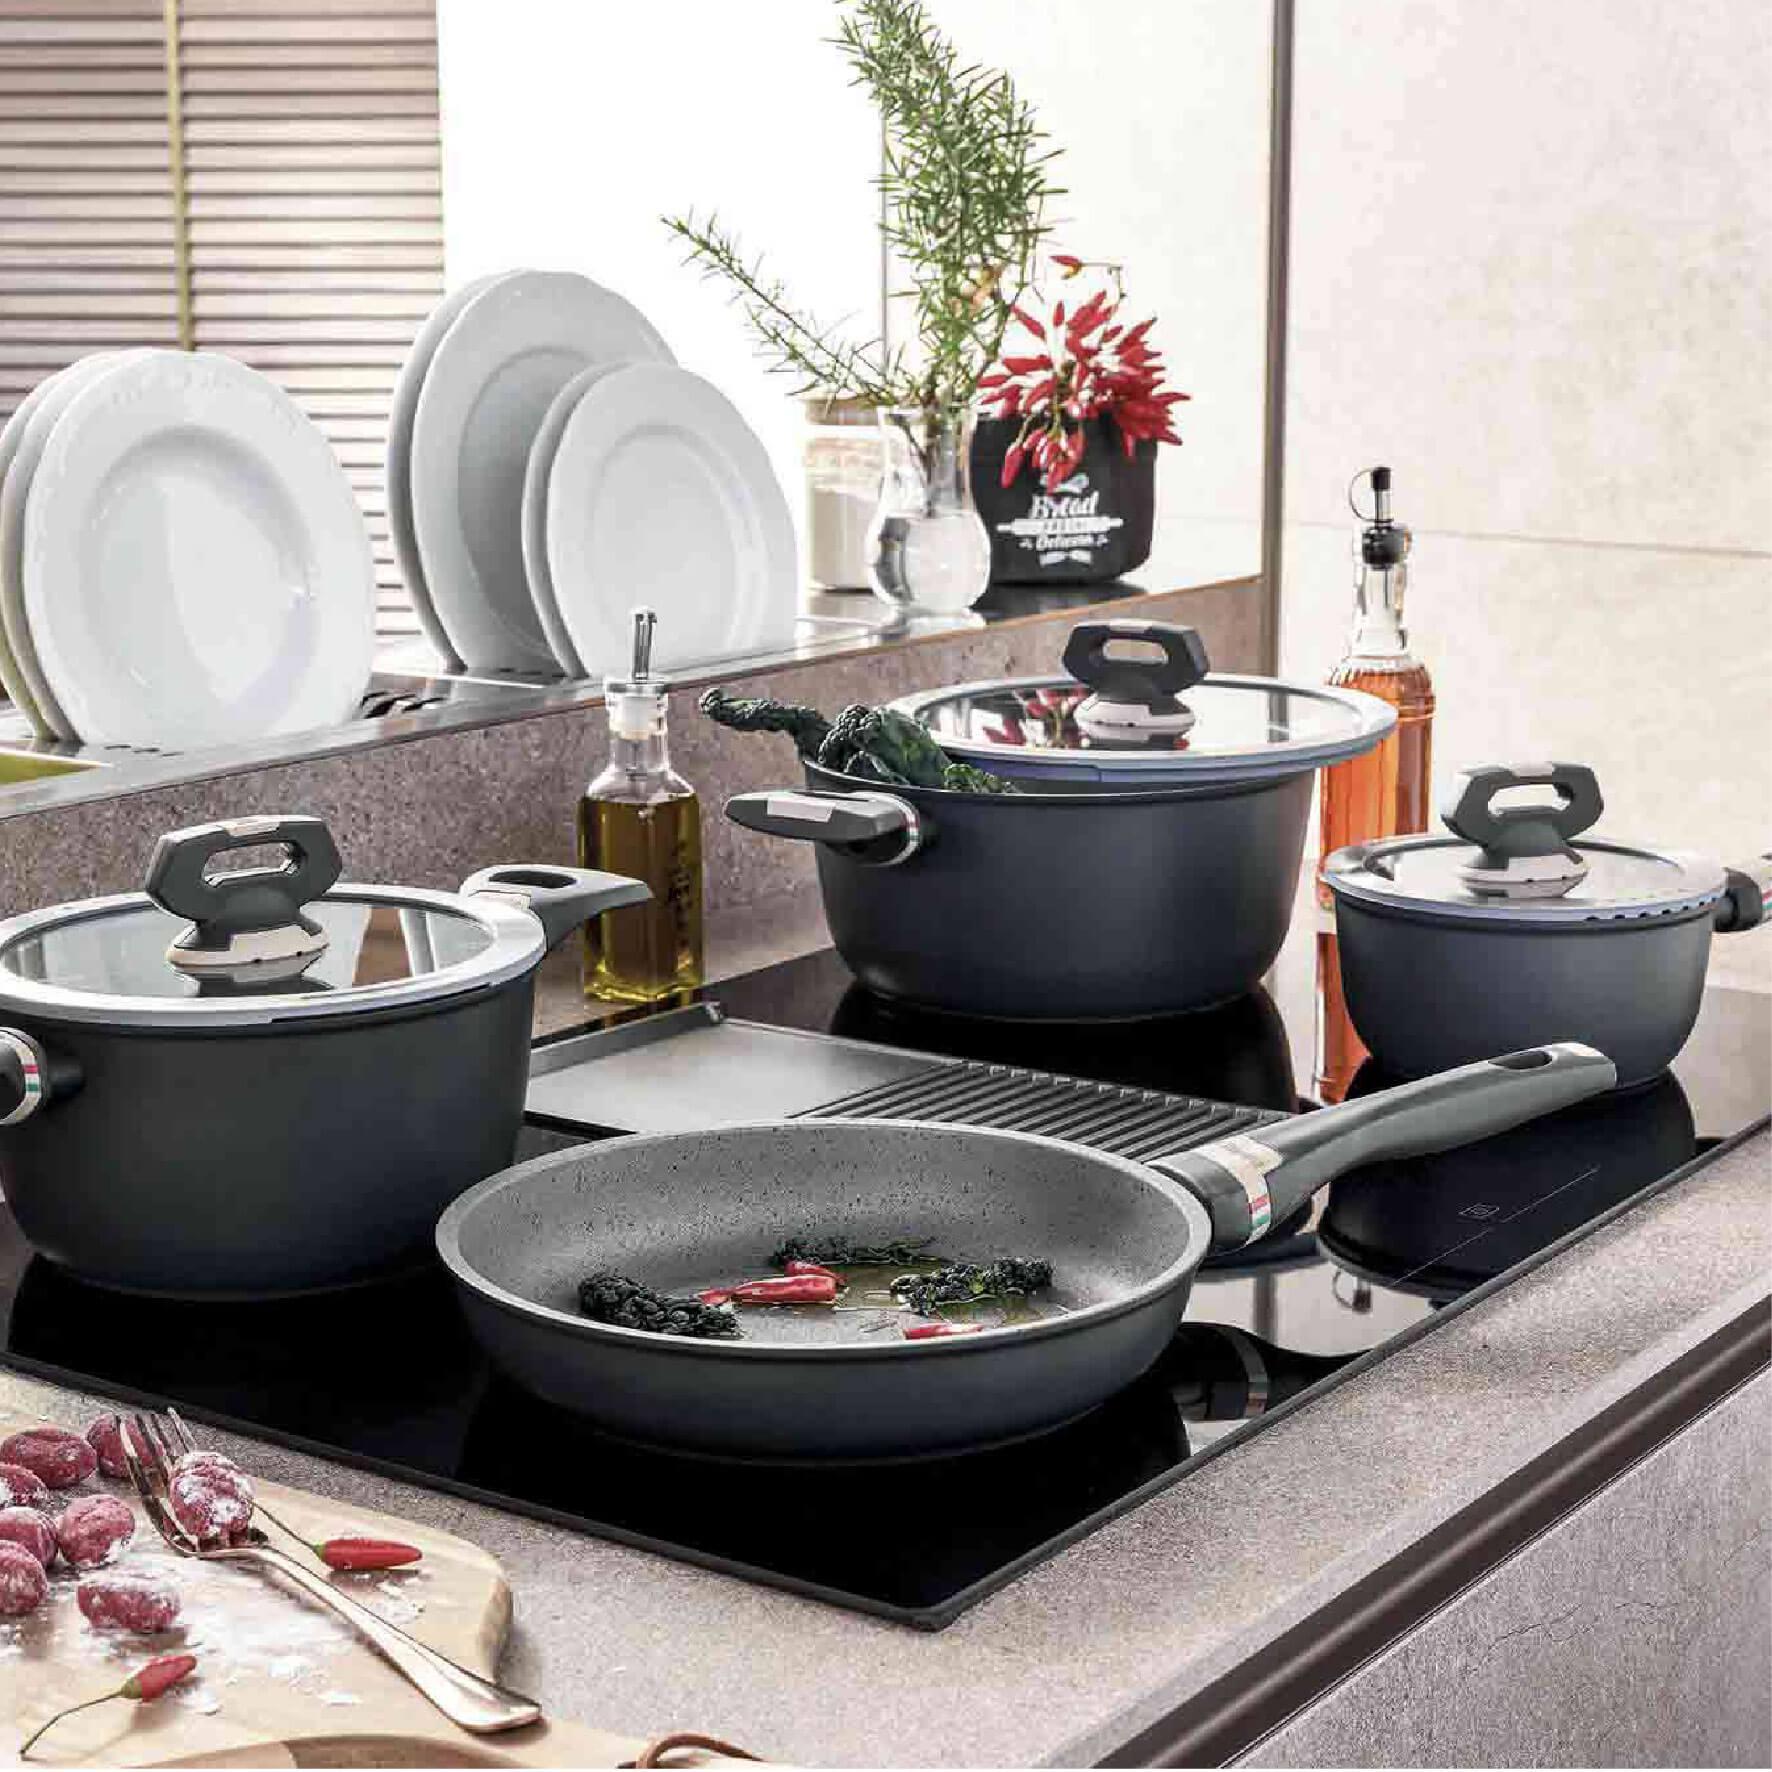 Pentole Tognana Italika Premium: quando il Made in Italy è la ricetta vincente